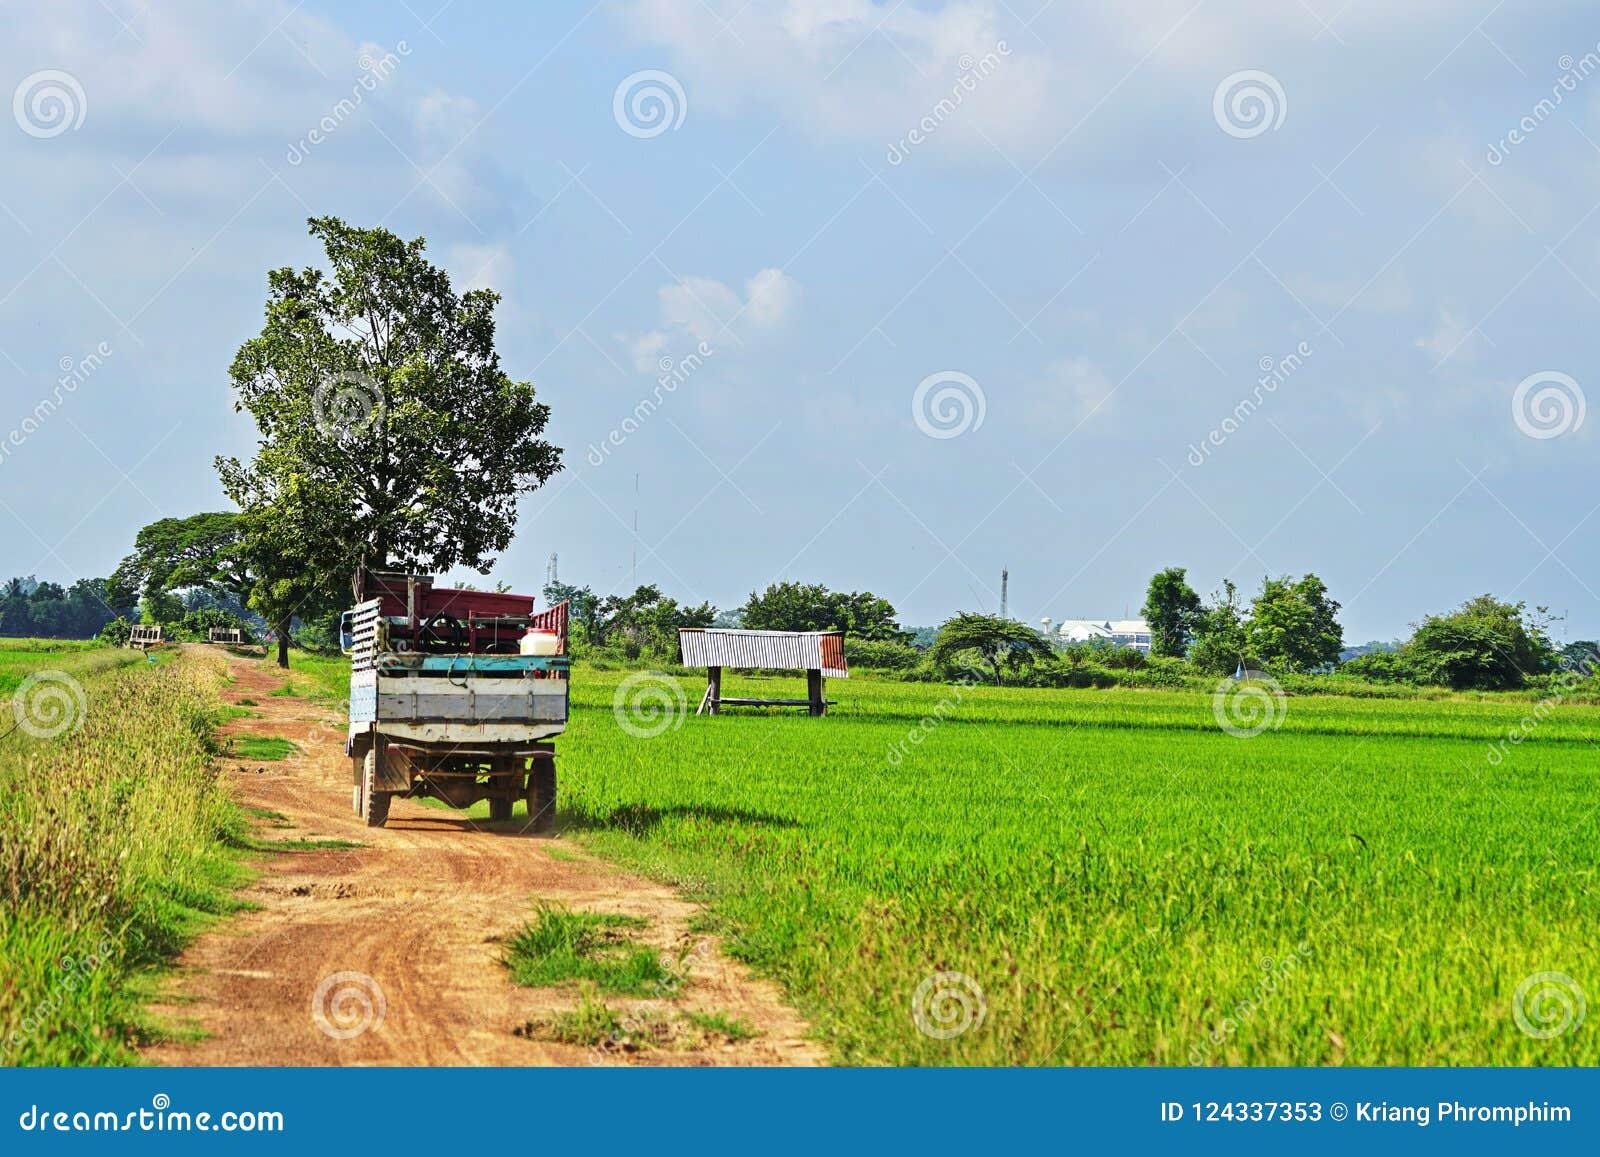 Farmer Transport